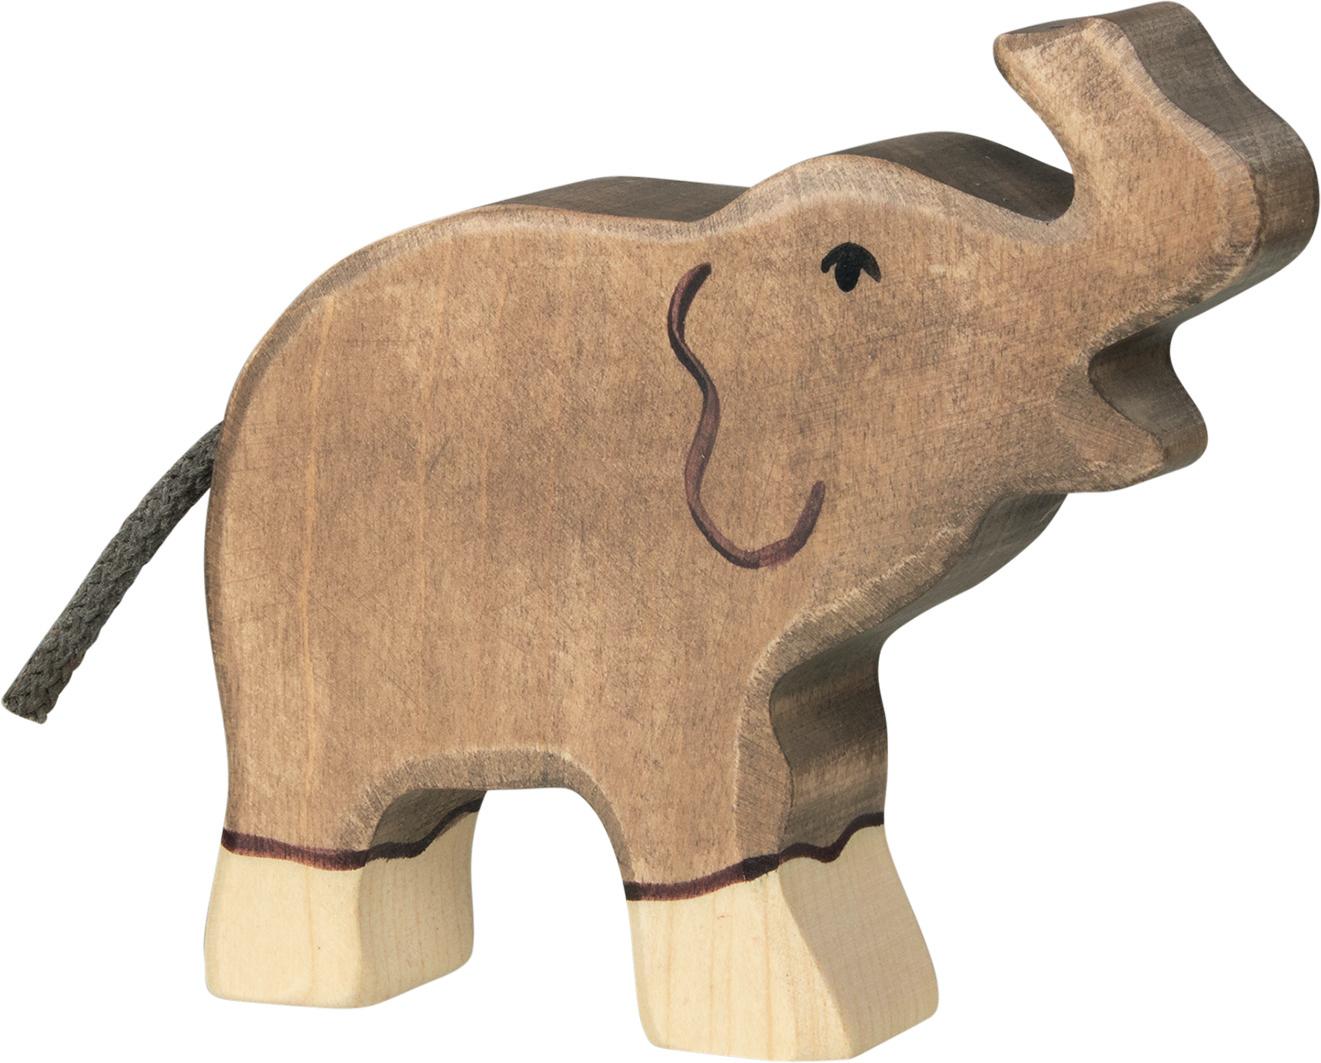 Holztiger Baby Elephant Image